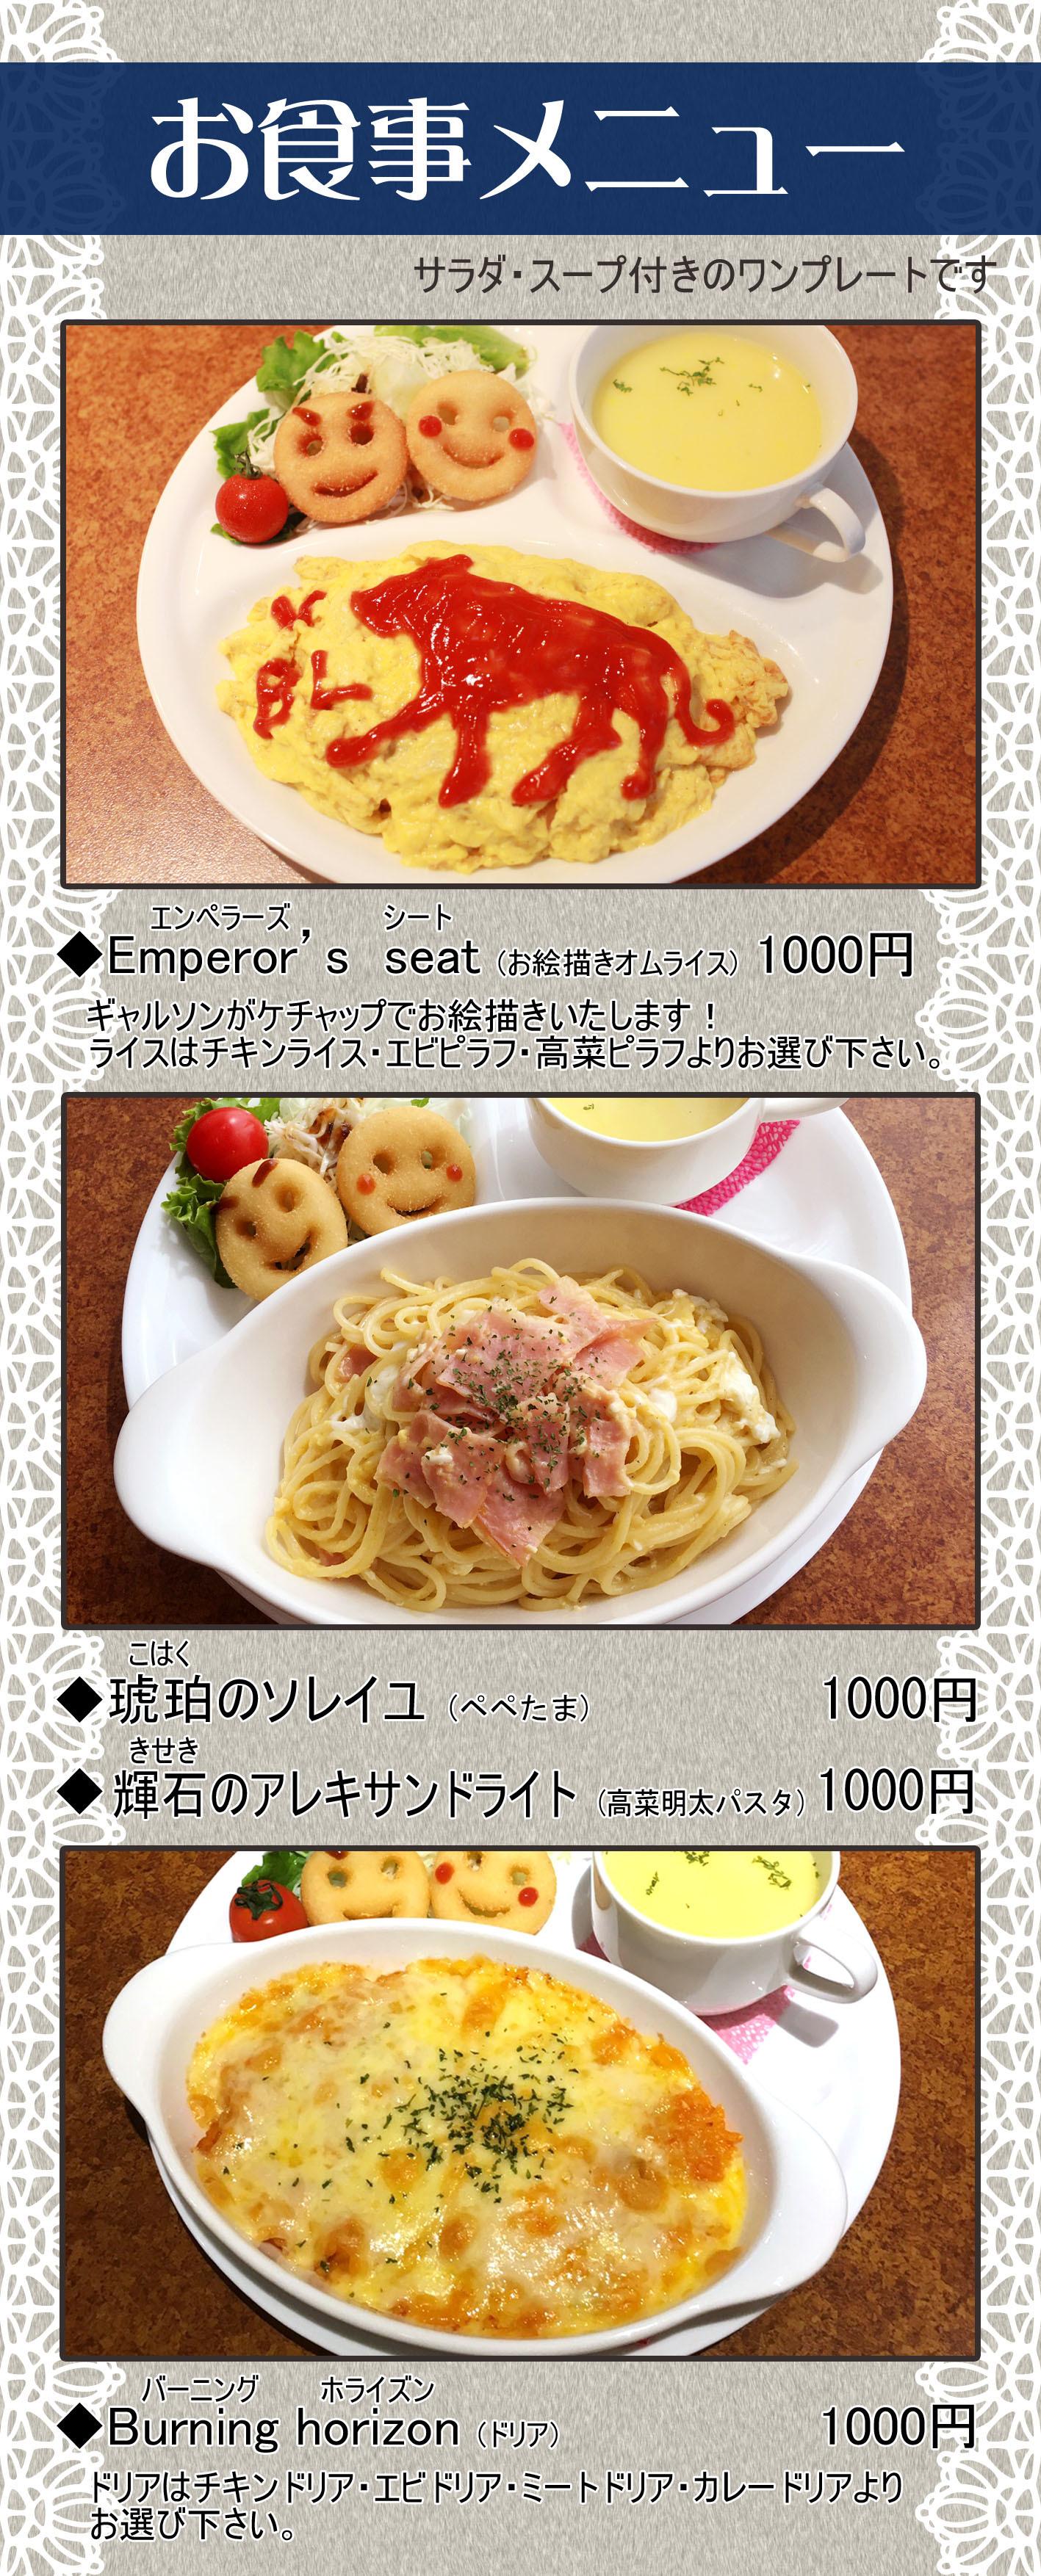 BLメニュー② お食事メニューのコピー